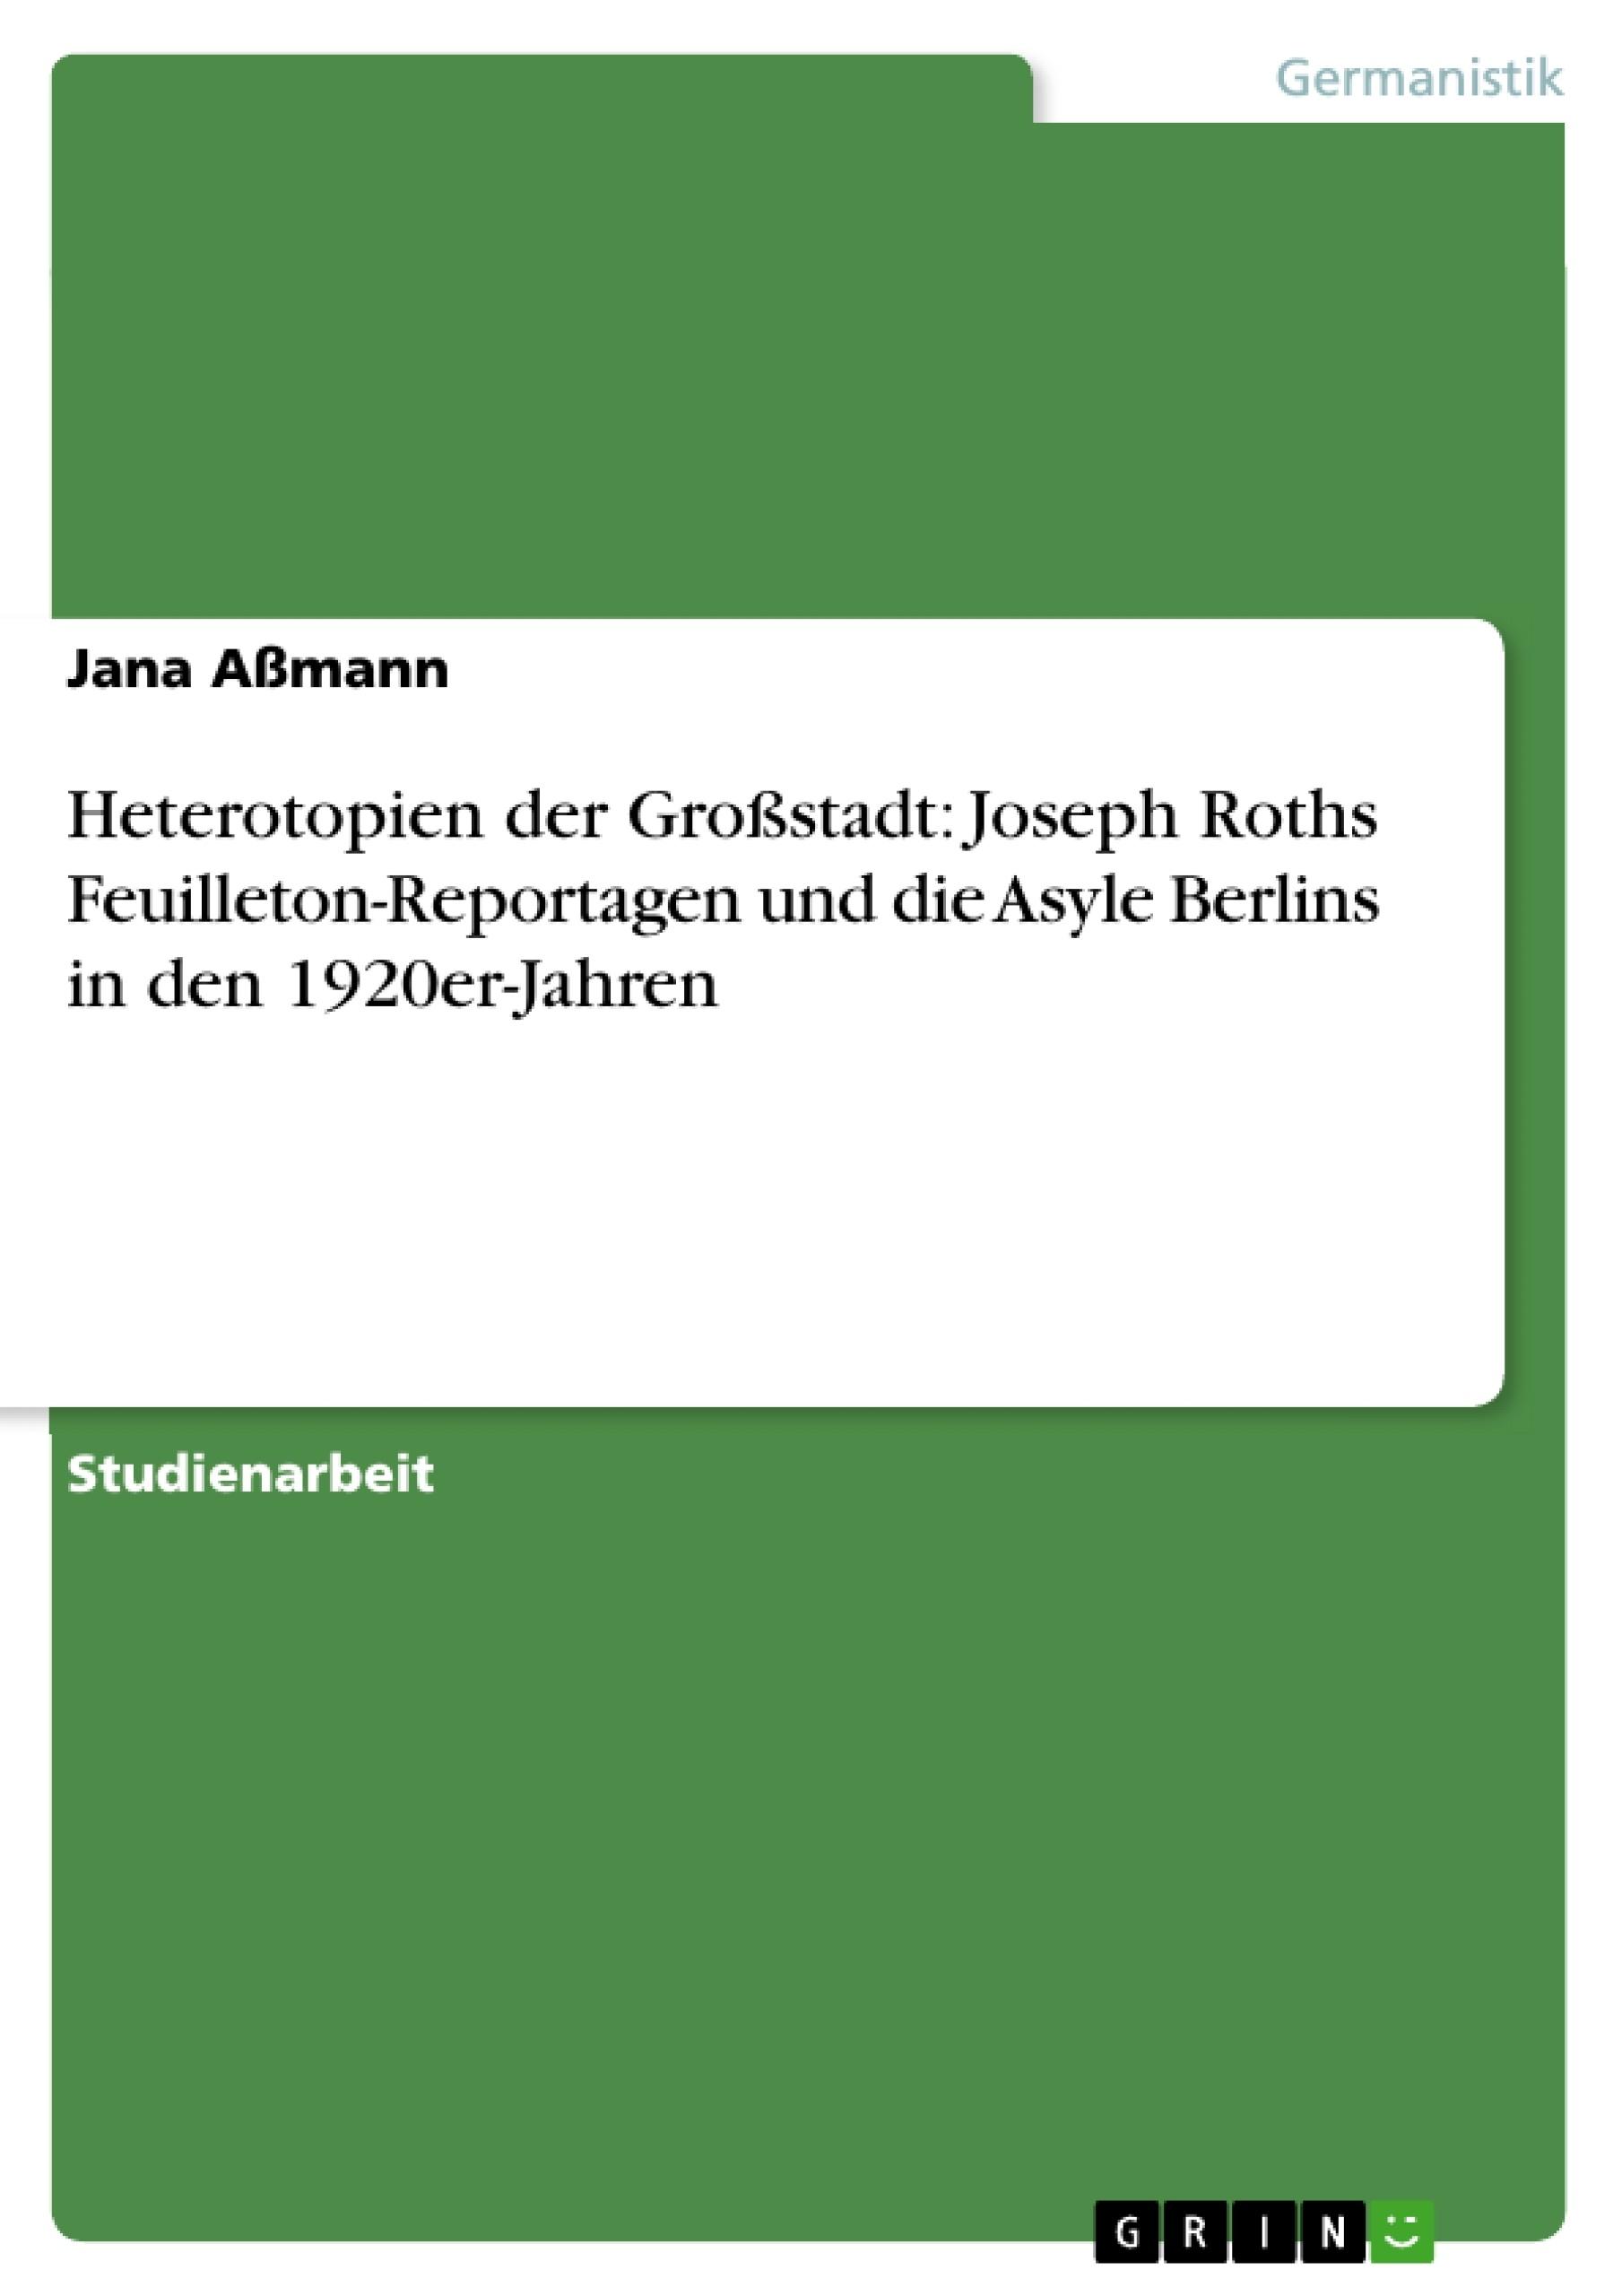 Titel: Heterotopien der Großstadt: Joseph Roths Feuilleton-Reportagen und die Asyle Berlins in den 1920er-Jahren